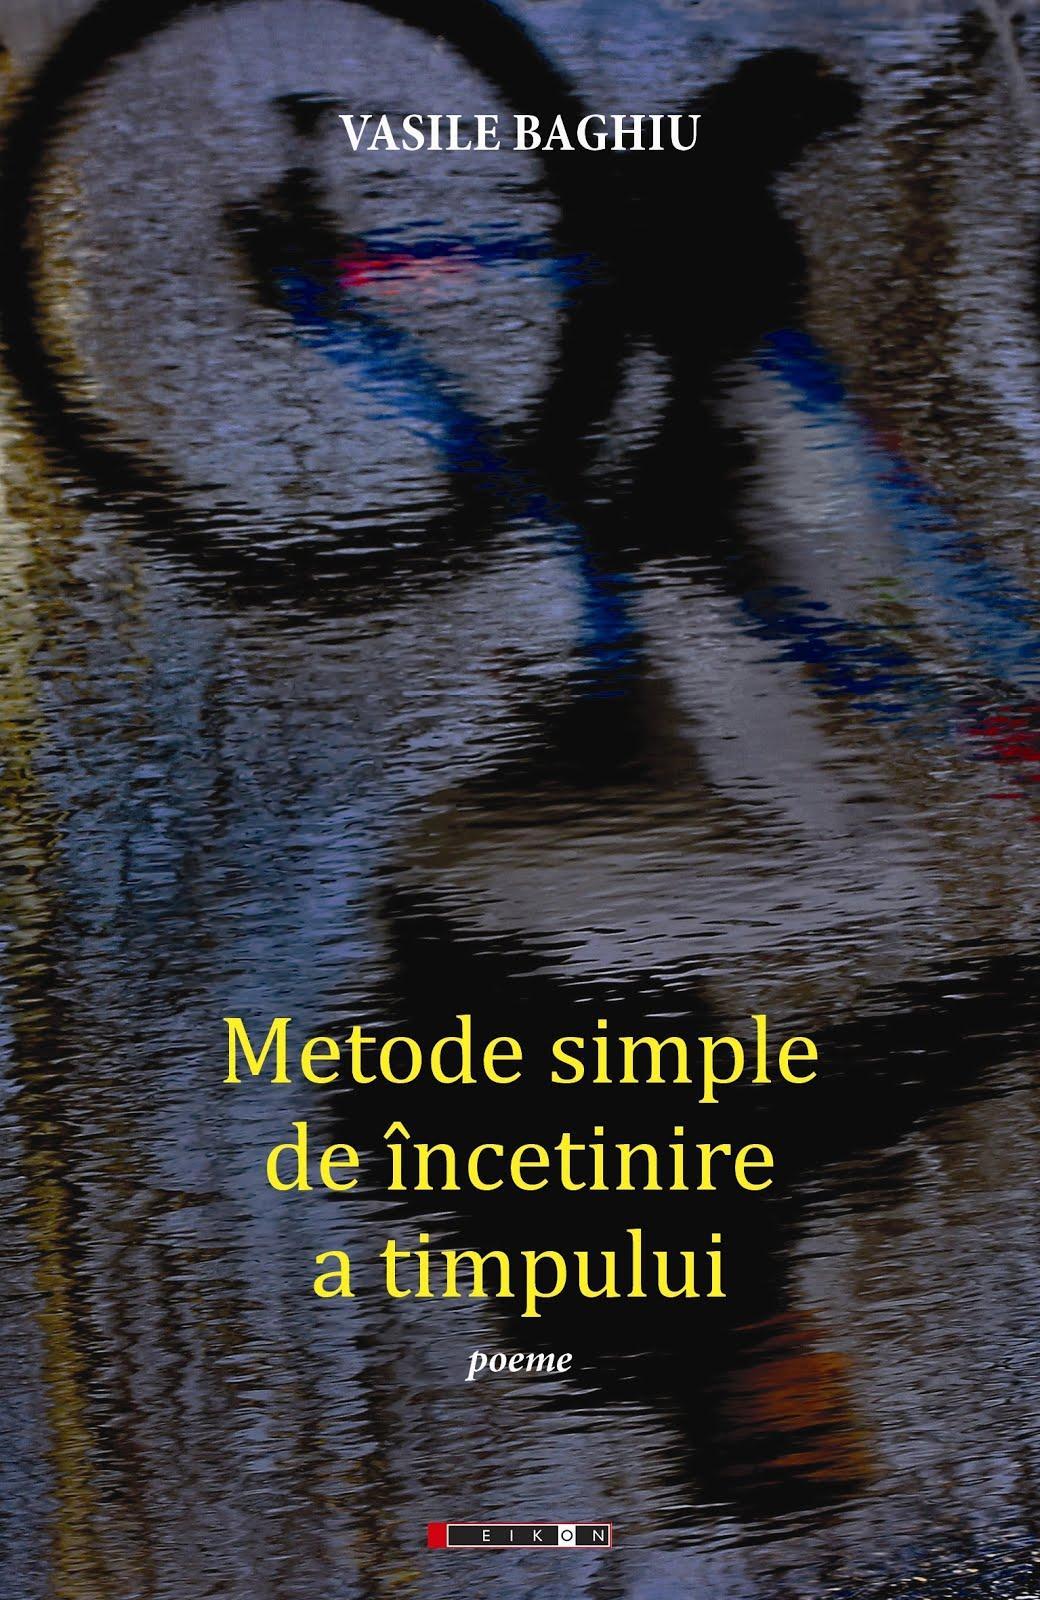 METODE SIMPLE DE ÎNCETINIRE A TIMPULUI (poeme, Eikon, 2019). Pentru comenzi, click pe copertă!